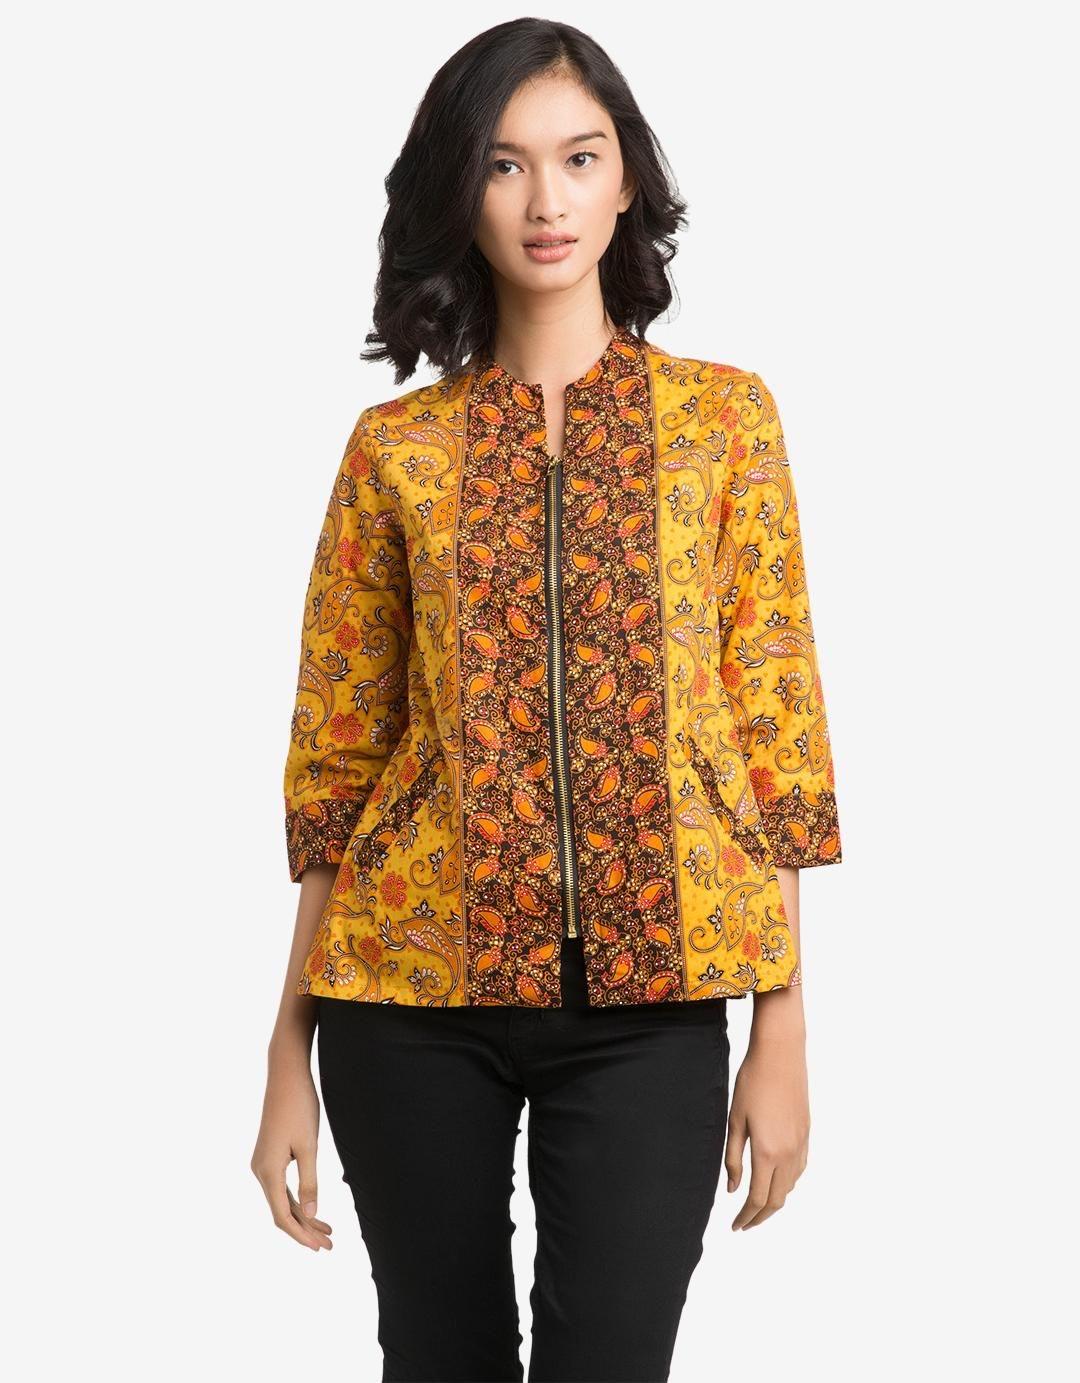 Model baju batik kantor wanita terbaru dengan resleting